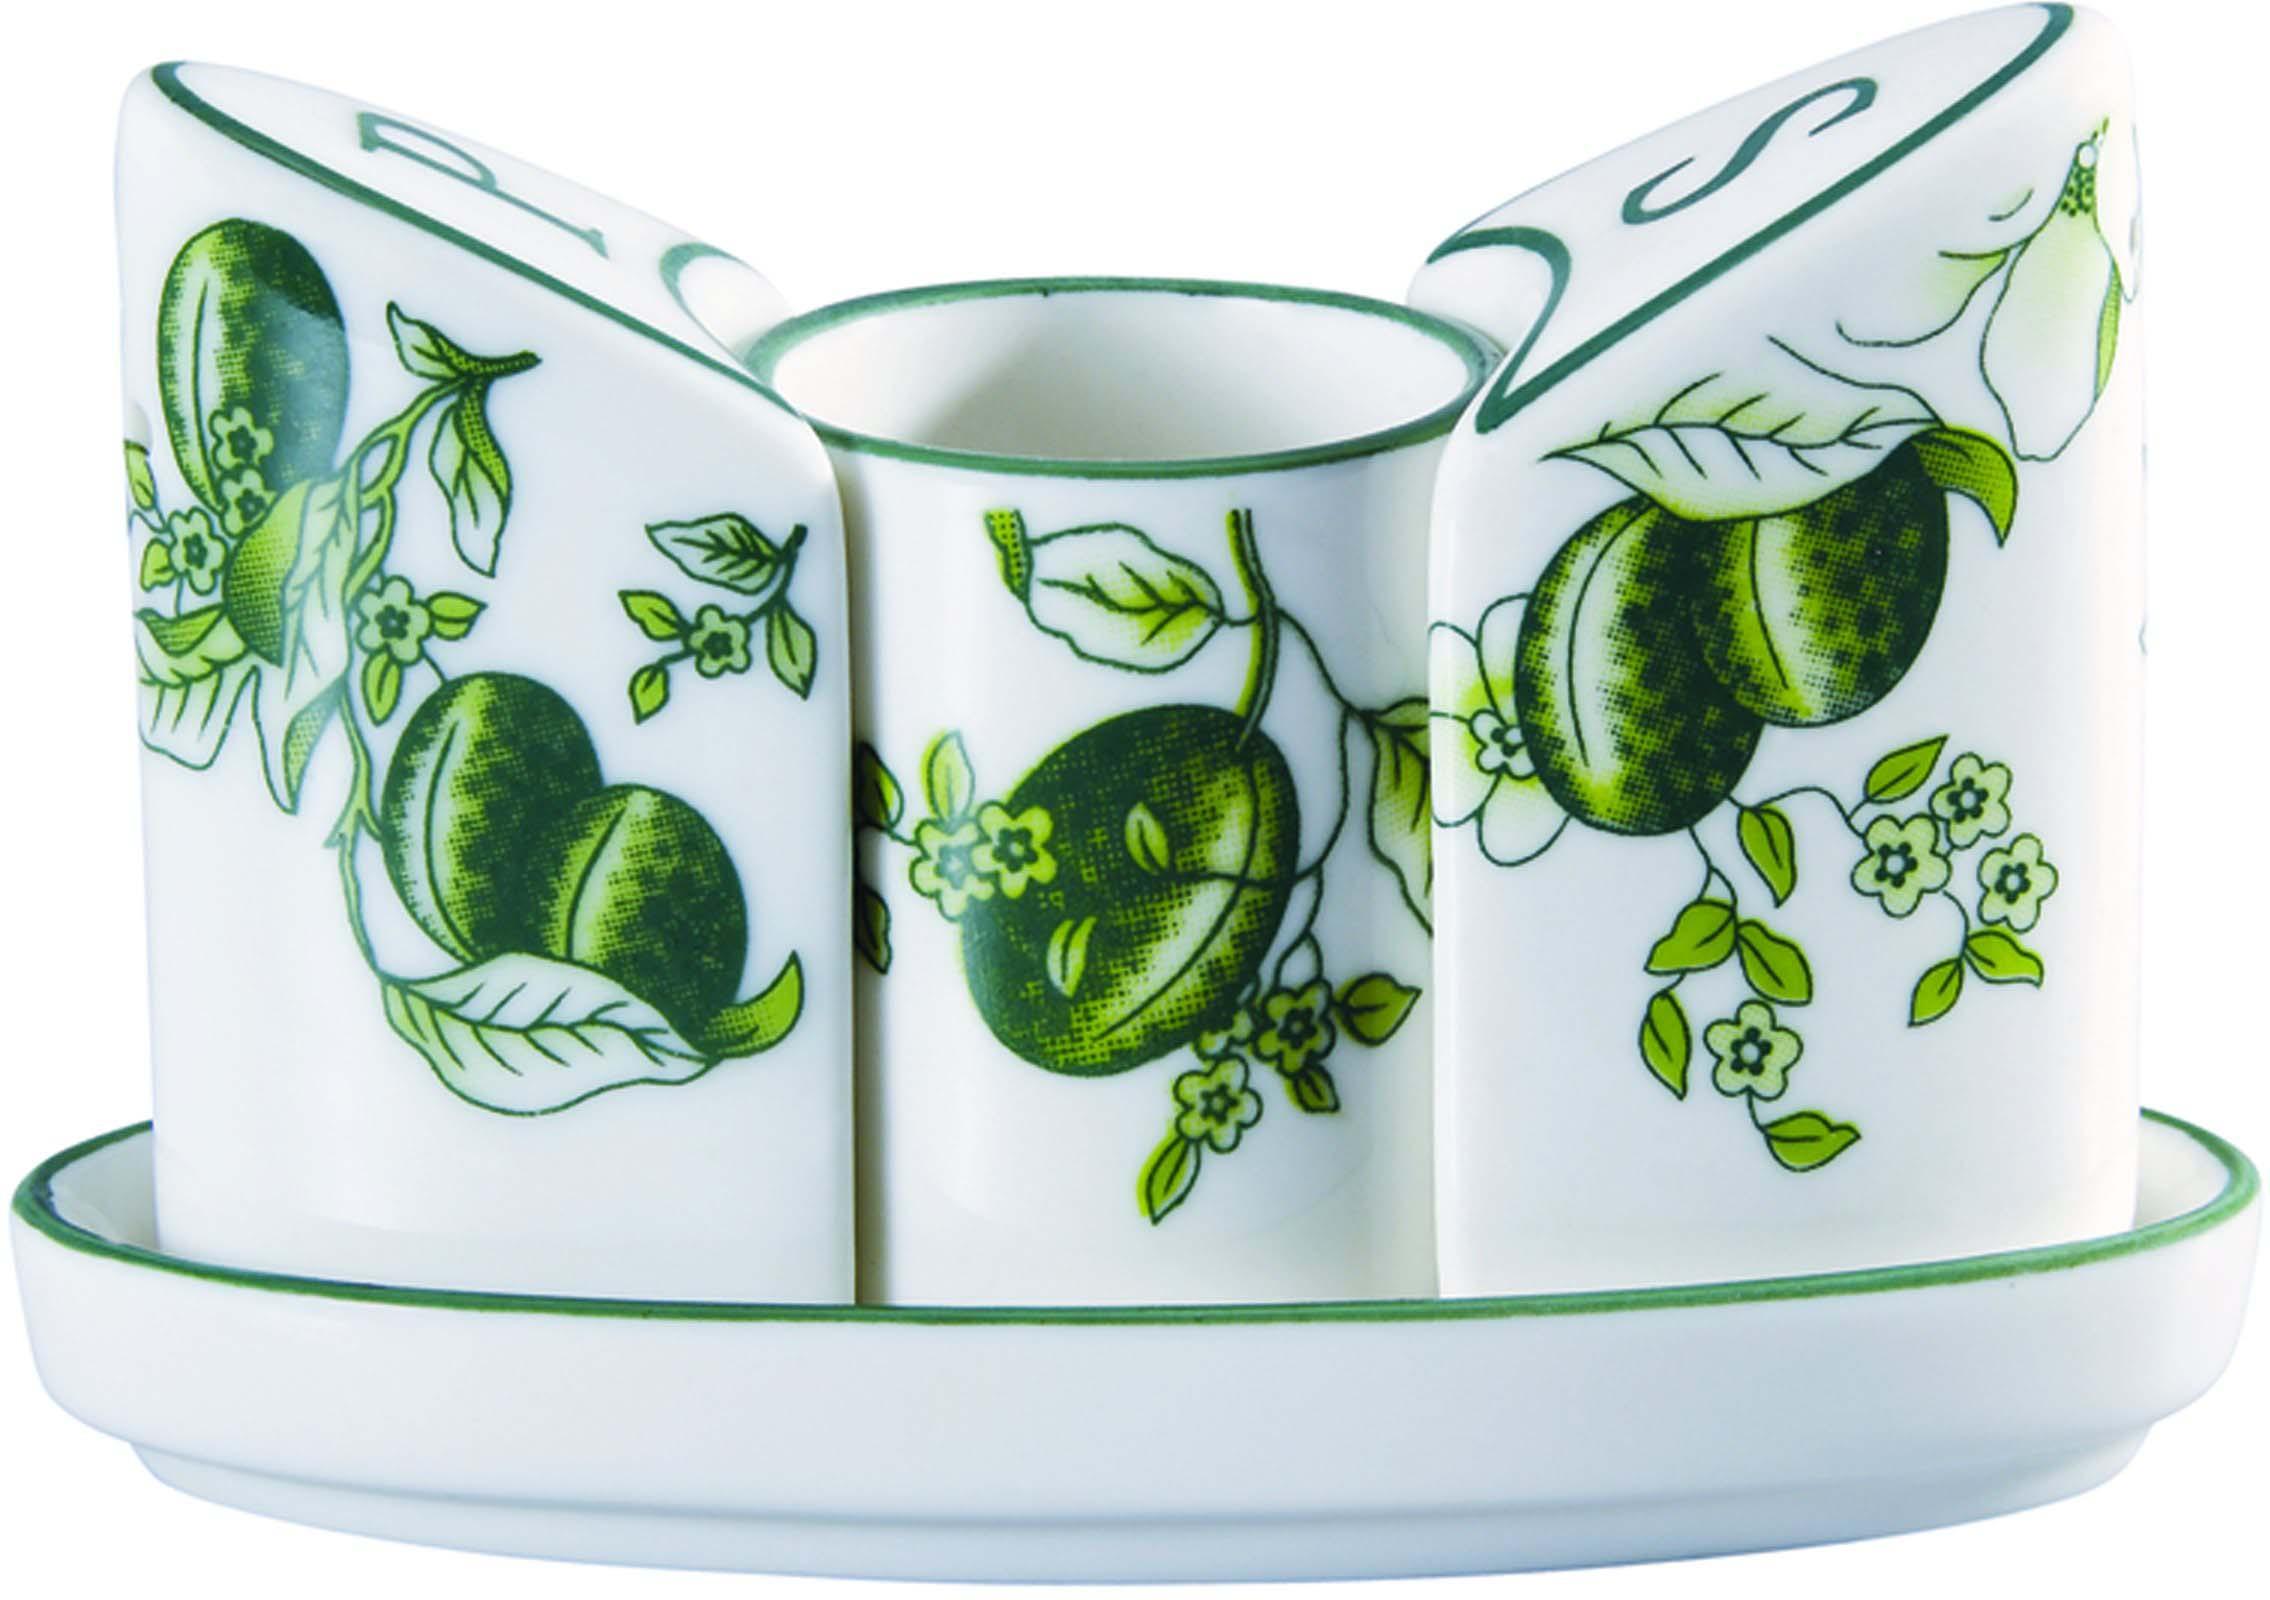 Набор для специй Bekker выполнен из керамики и подойдёт для повседневной и праздничной сервировки. Дополните стол текстилем и салфетками в тон, чтобы получить элегантное убранство с яркими акцентами.